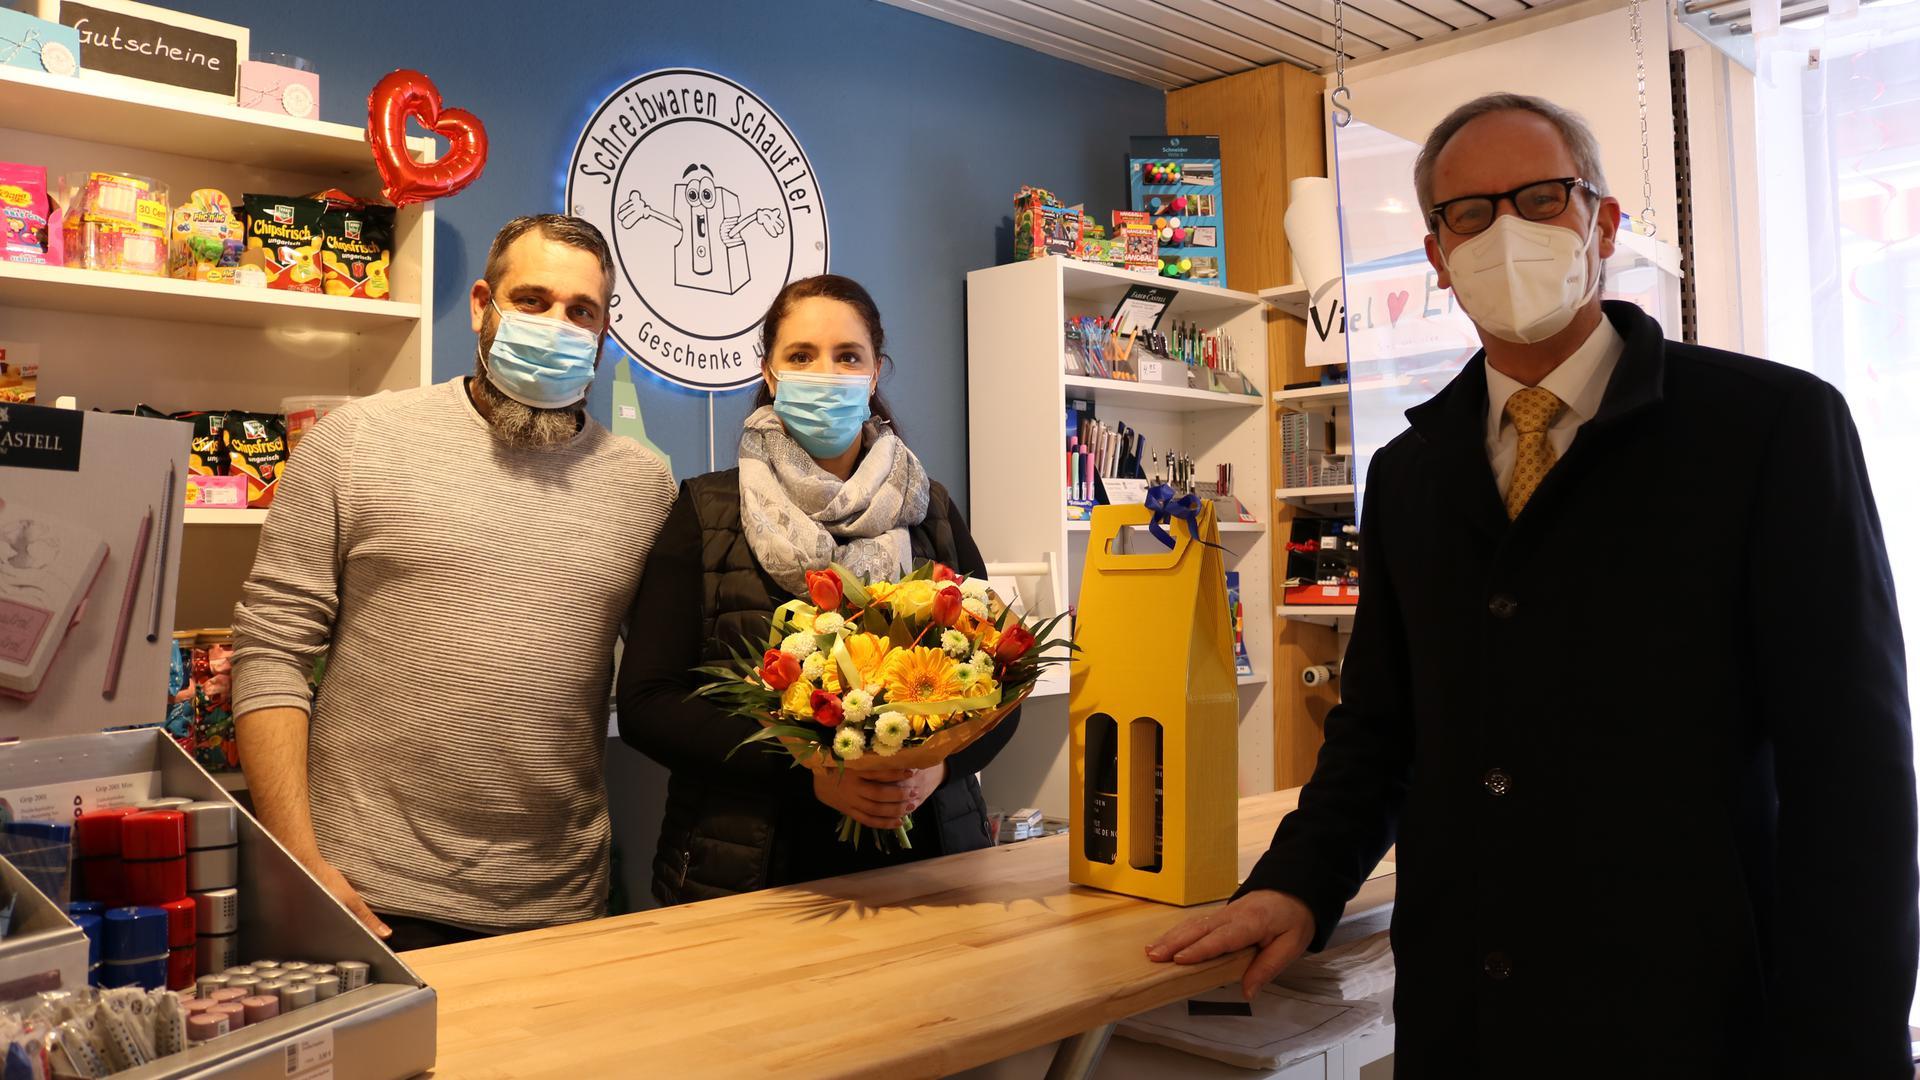 Bürgermeister Eric Bänziger gratuliert Melanie und Oliver Schaufler zur Neueröffnung ihres Schreibwarengeschäfts